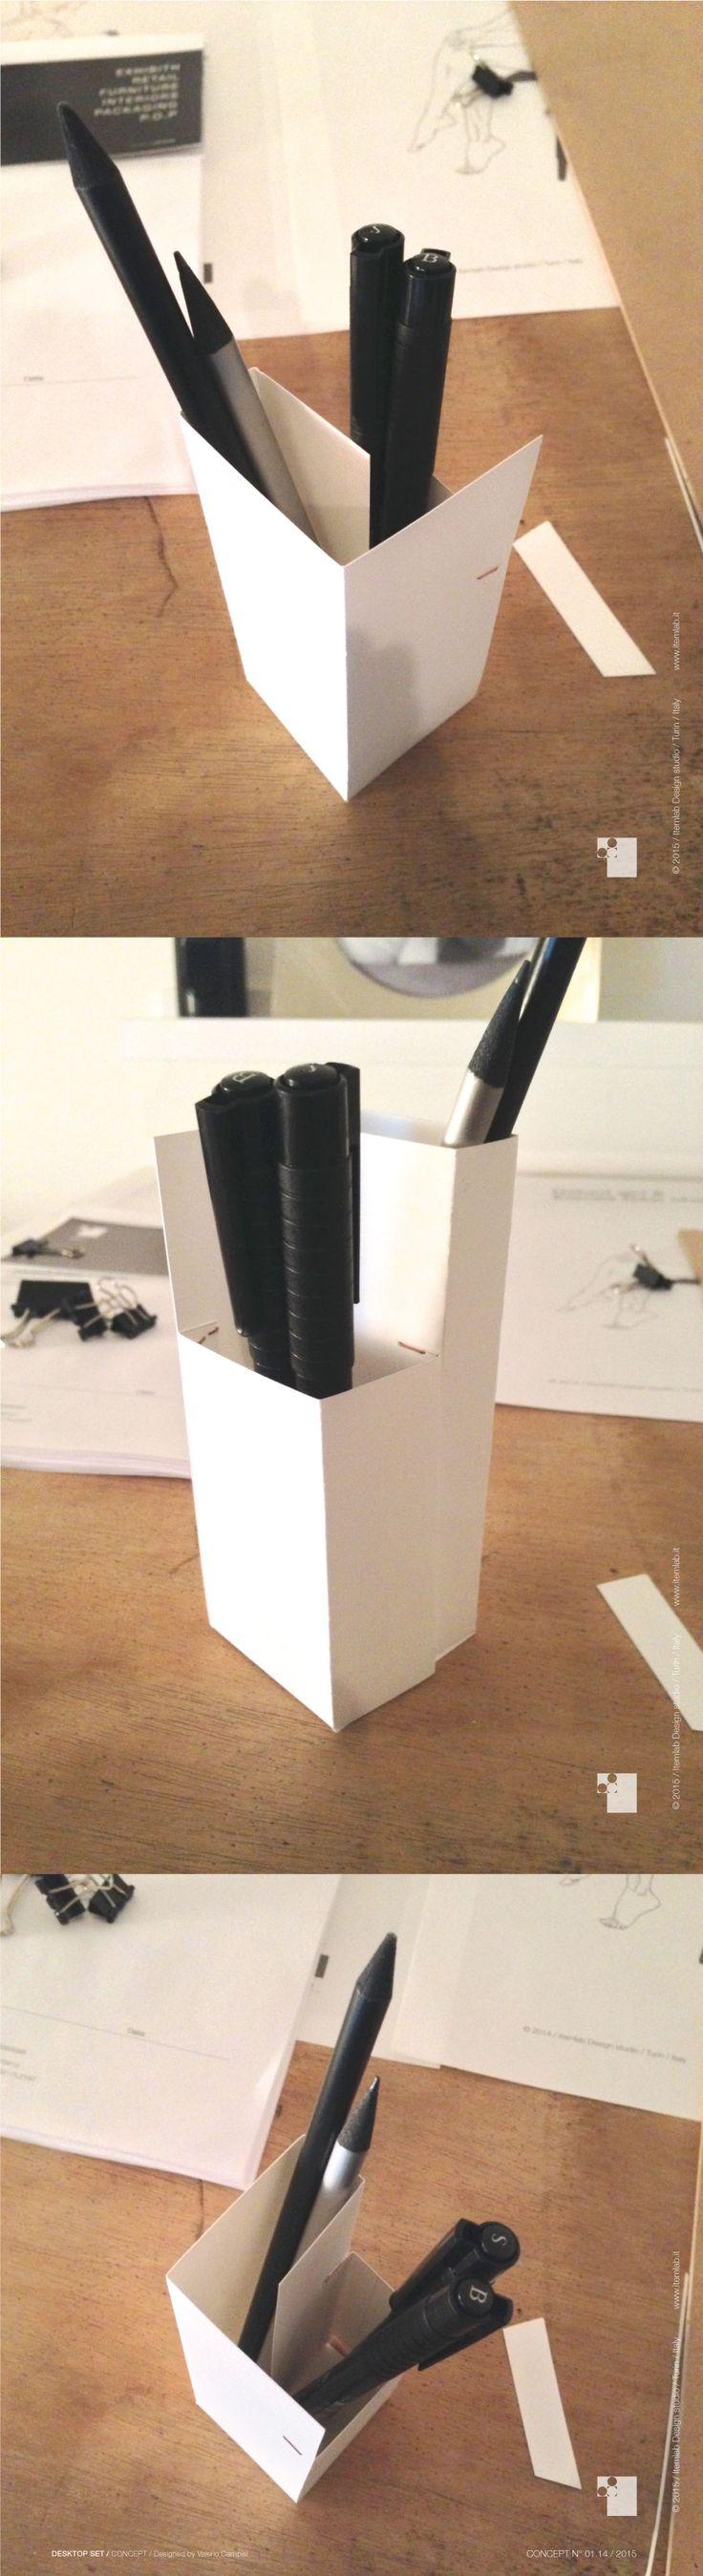 #Prototype #Models #Furnitures #Design #Desktop set #itemlab